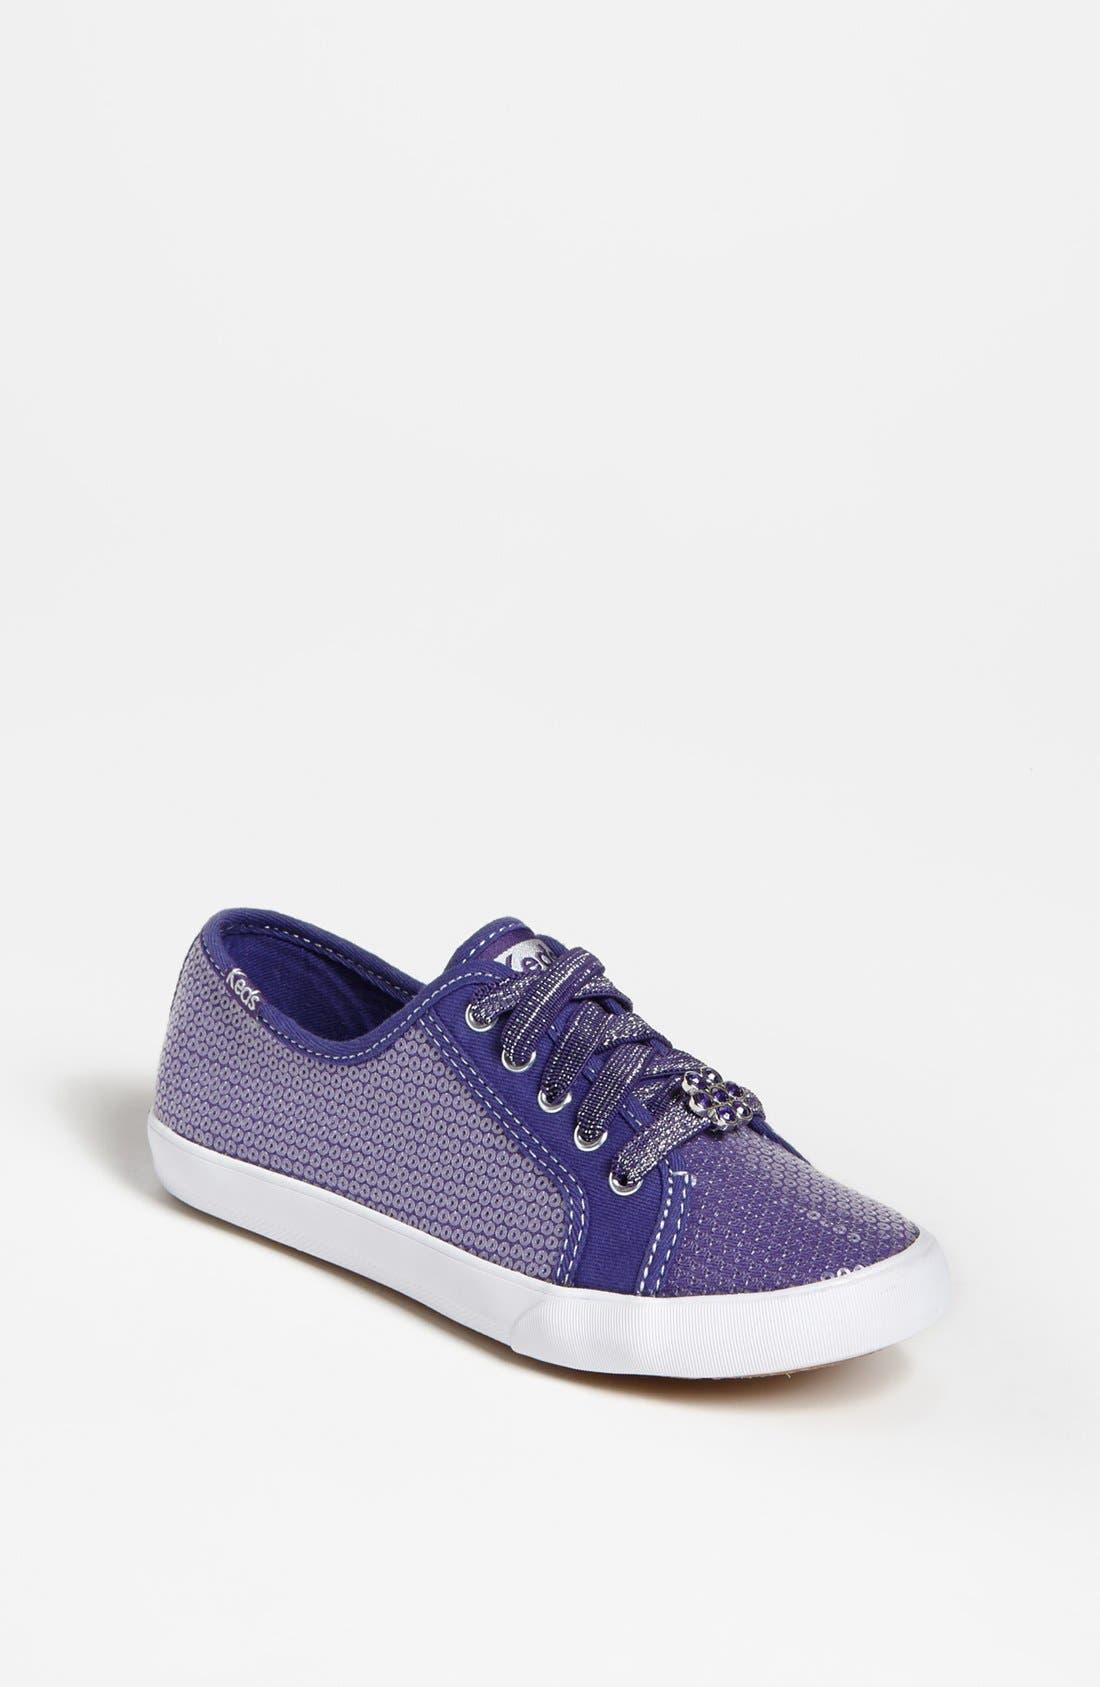 Main Image - Keds® 'Celeb' Slip-On Sneaker (Little Kid & Big Kid)